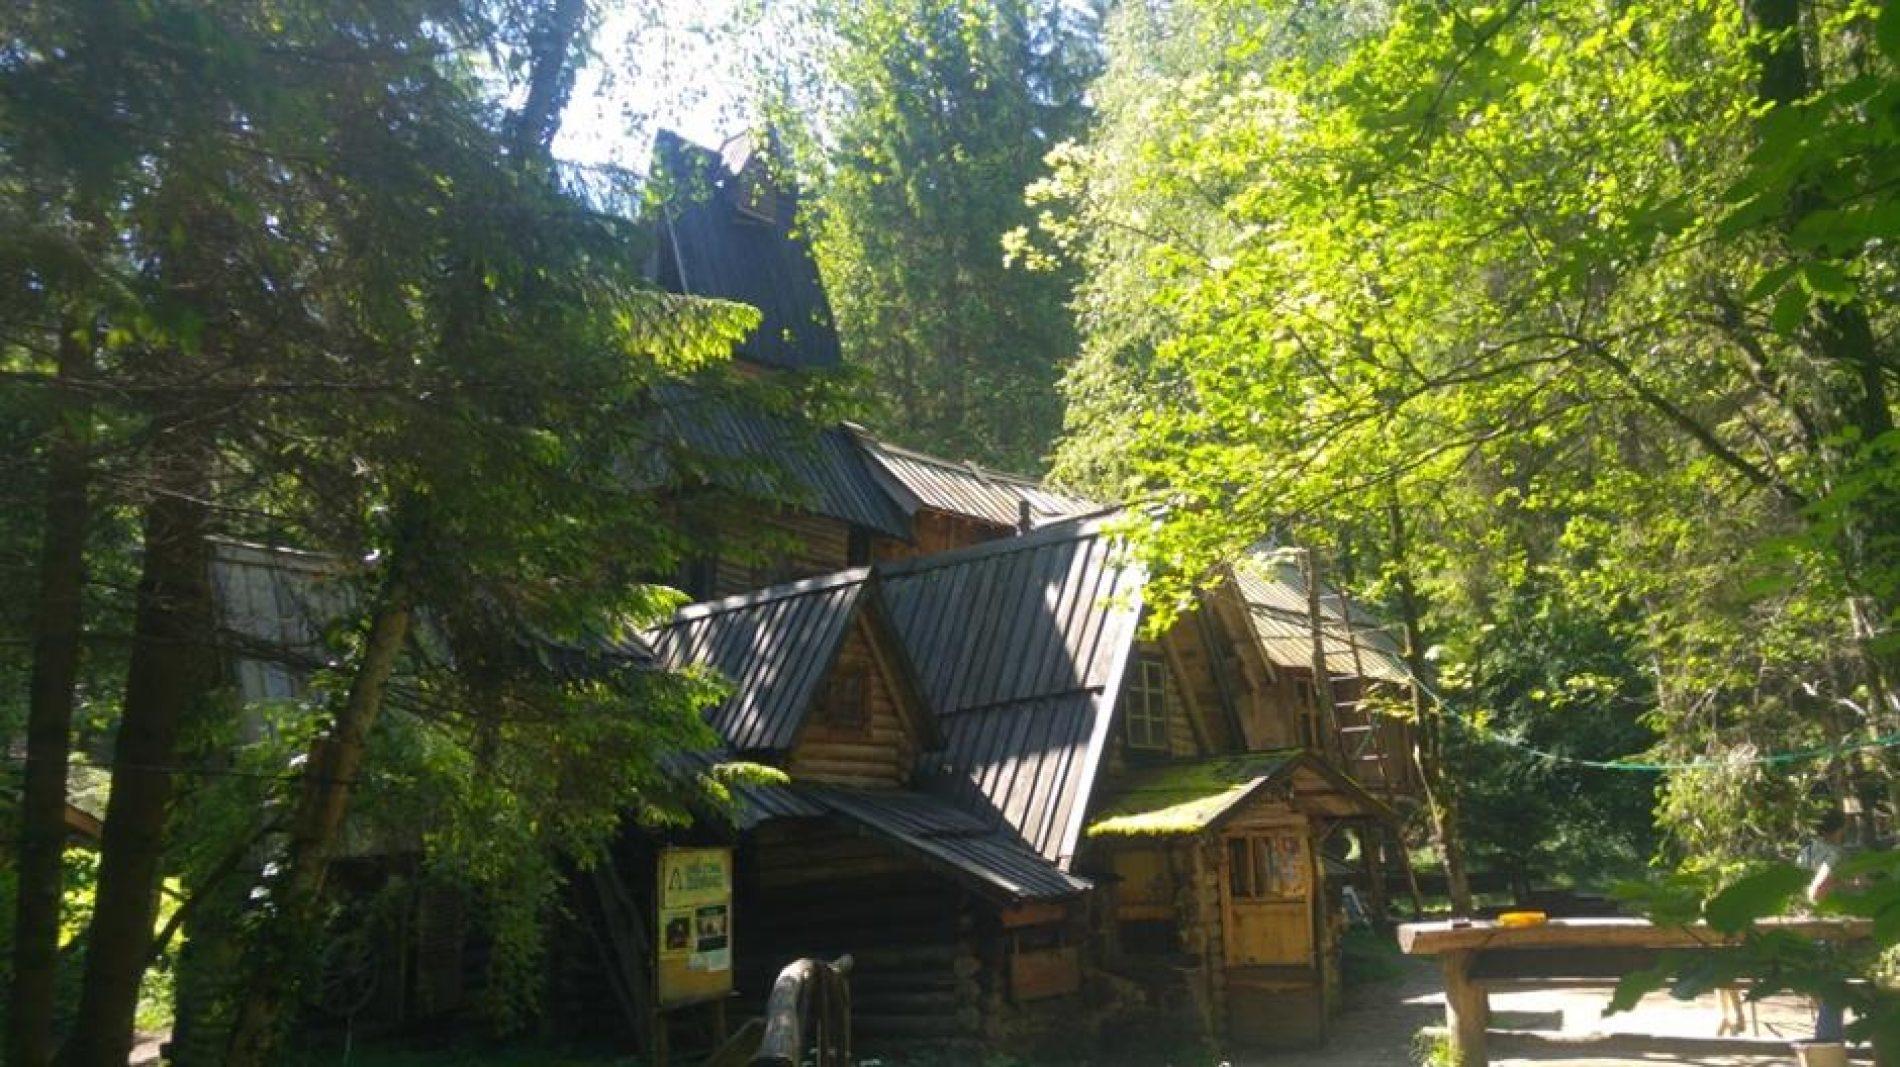 Mistično mjesto koje pohode mnogobrojni svjetski turisti